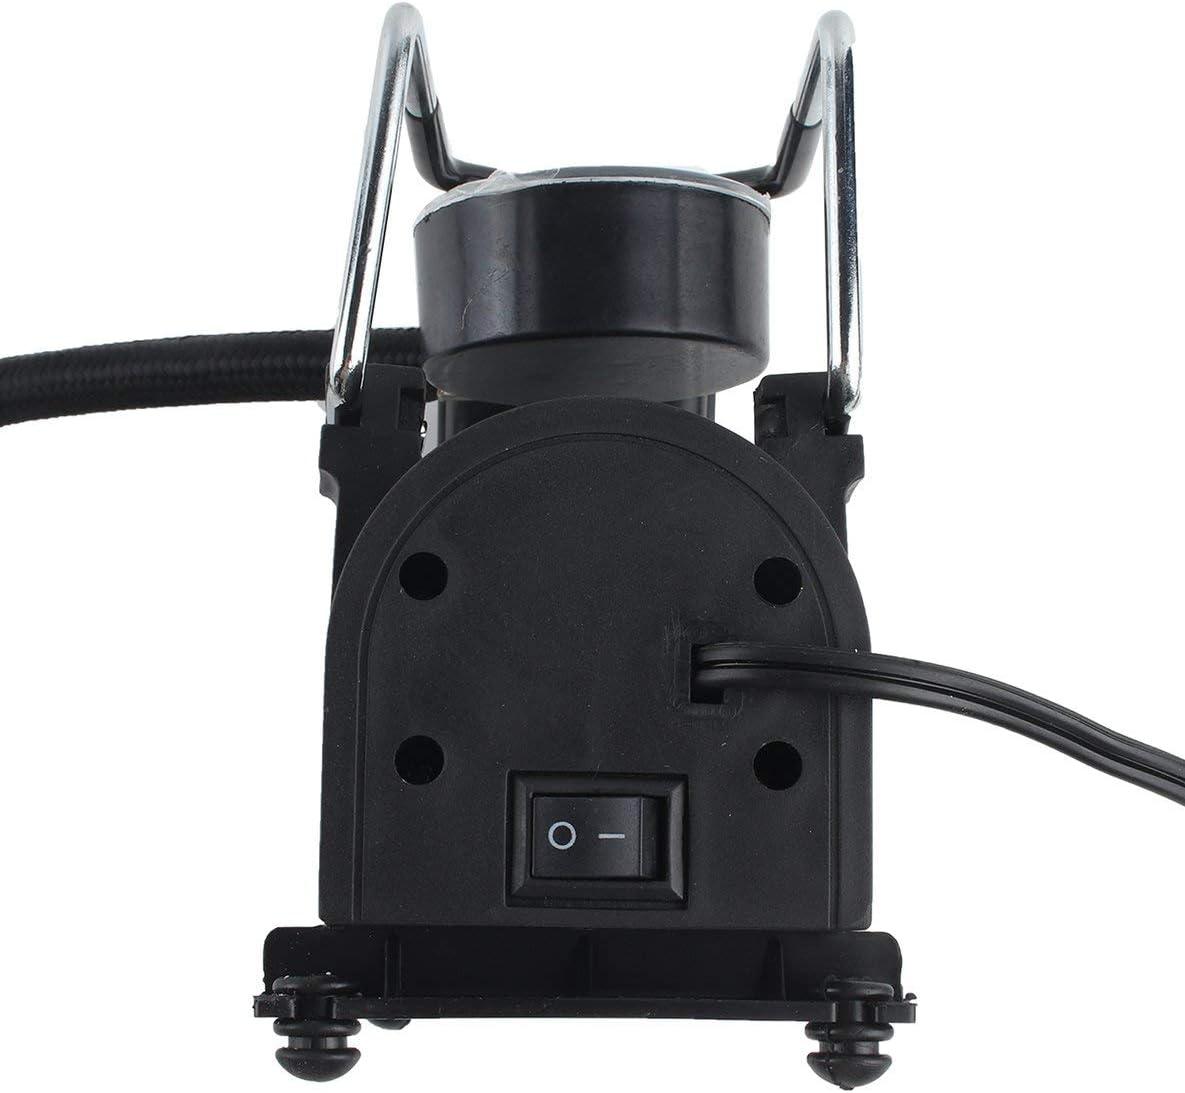 Rouku Bomba de inflador de neum/áticos de compresor de Aire el/éctrico port/átil para Coche de 12 V para Moto B Bomba de inflado de neum/áticos Estilo de Coche